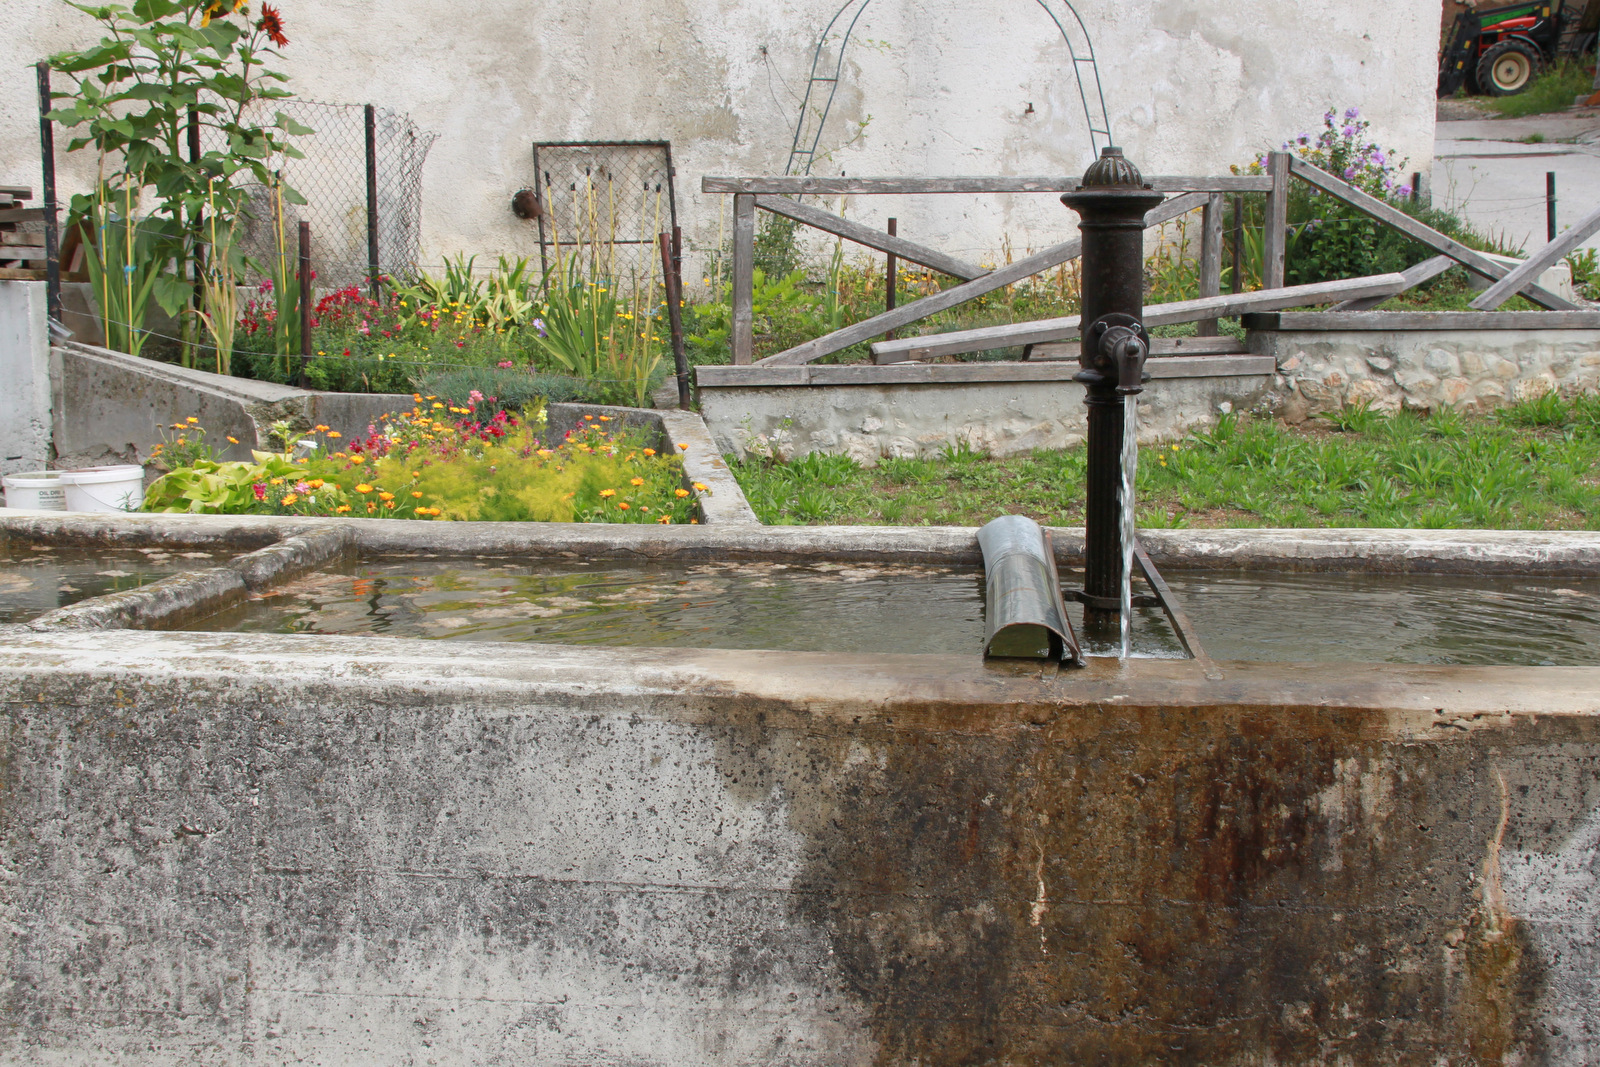 Zbiralnik vode sredi vasi